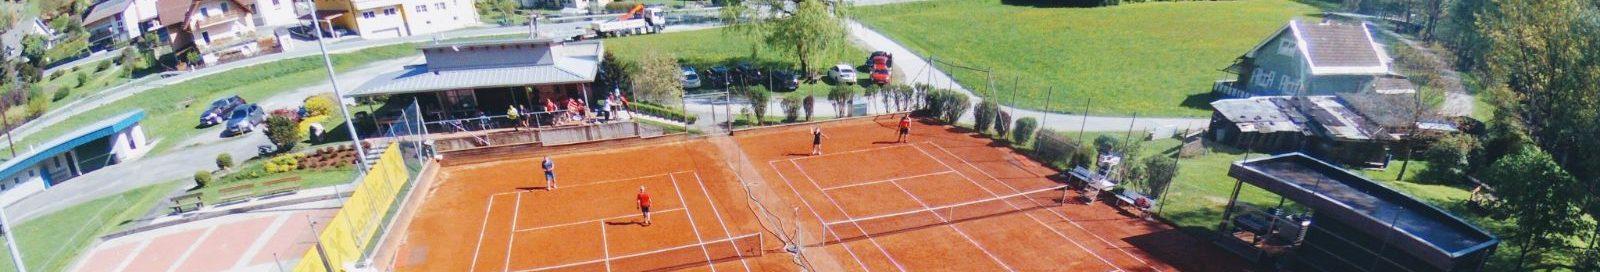 Tennisverein Mönichwald